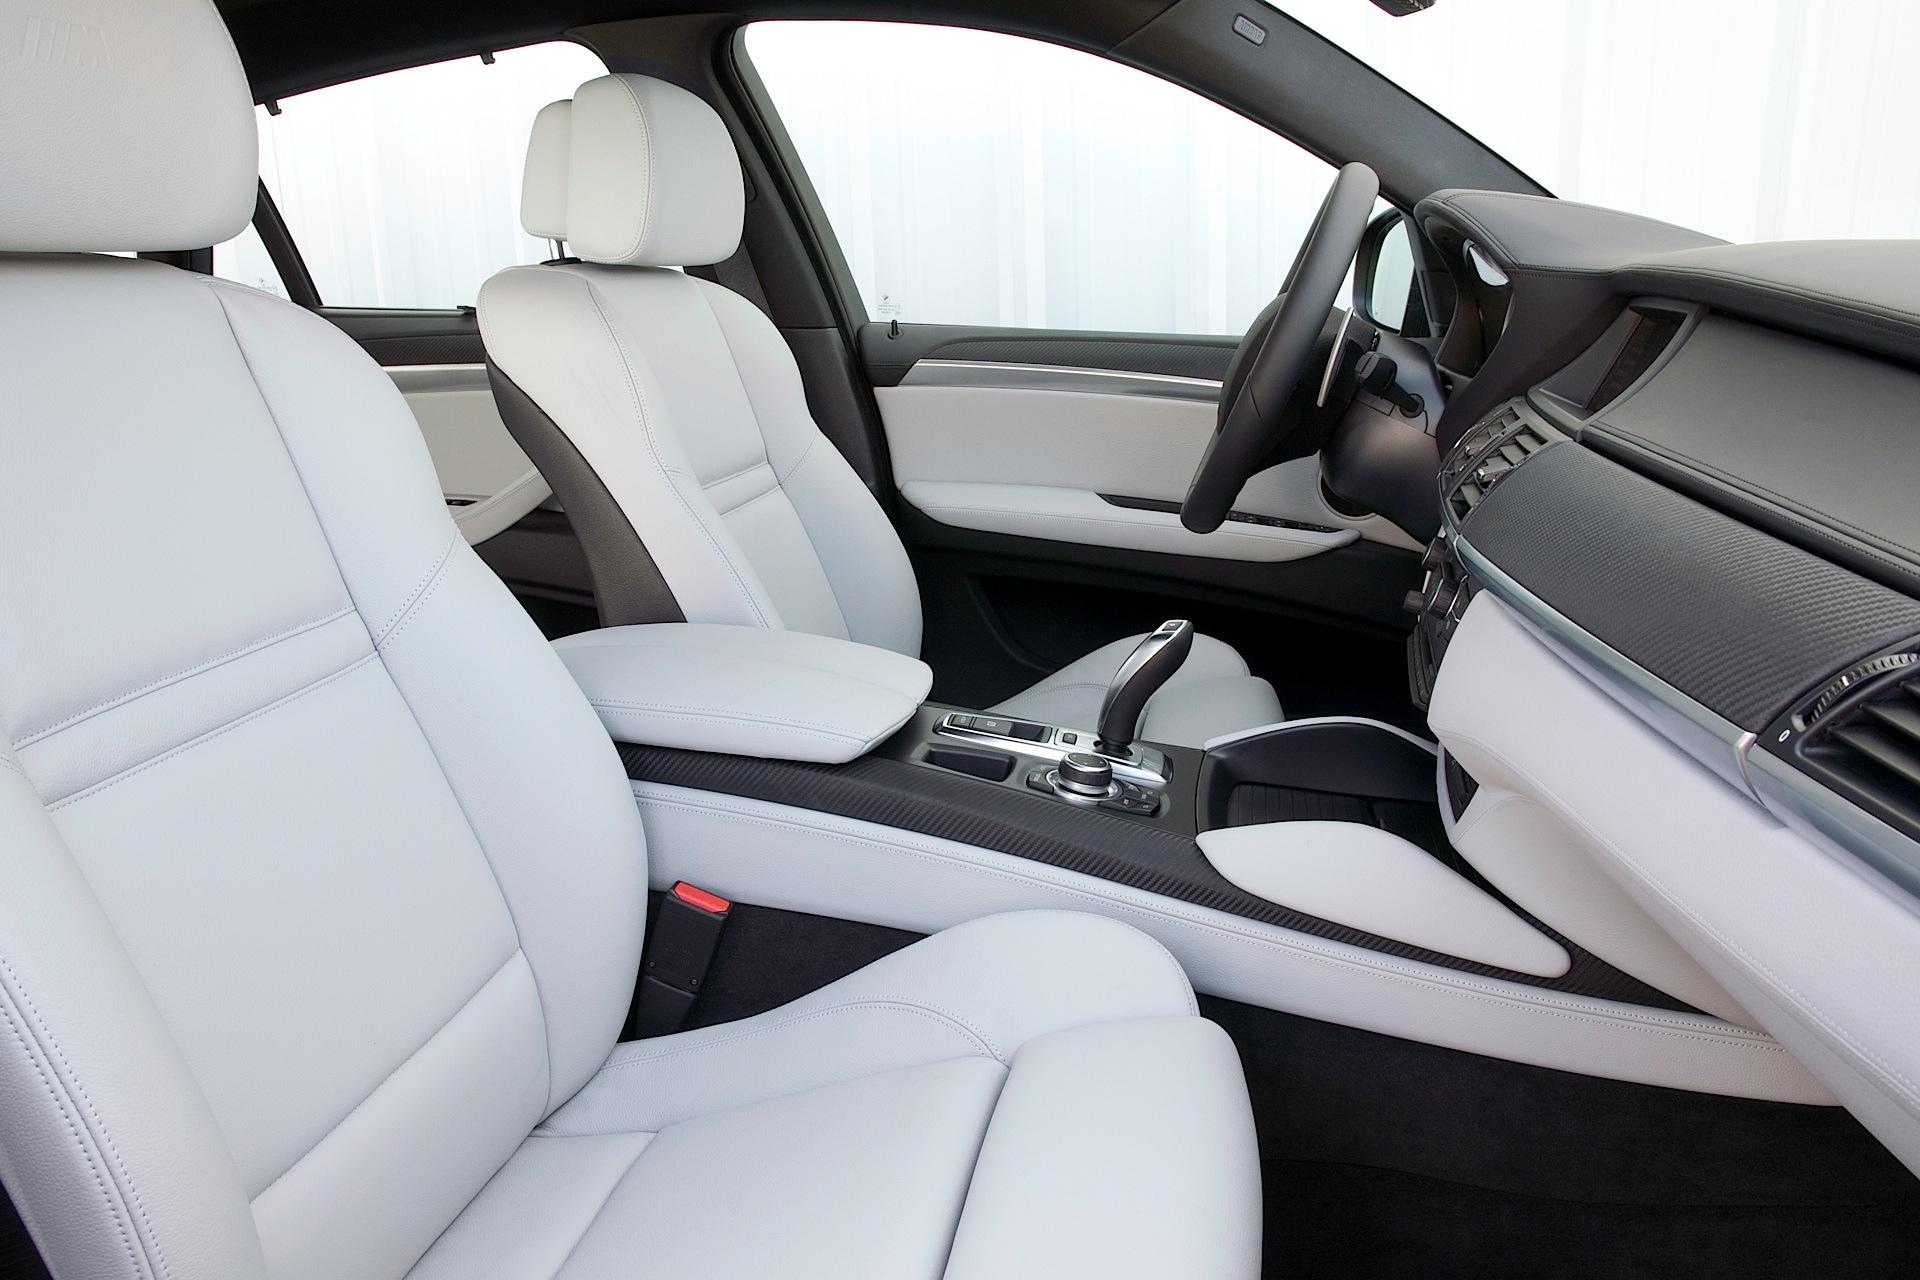 2009 BMW E71 X6 M Interior